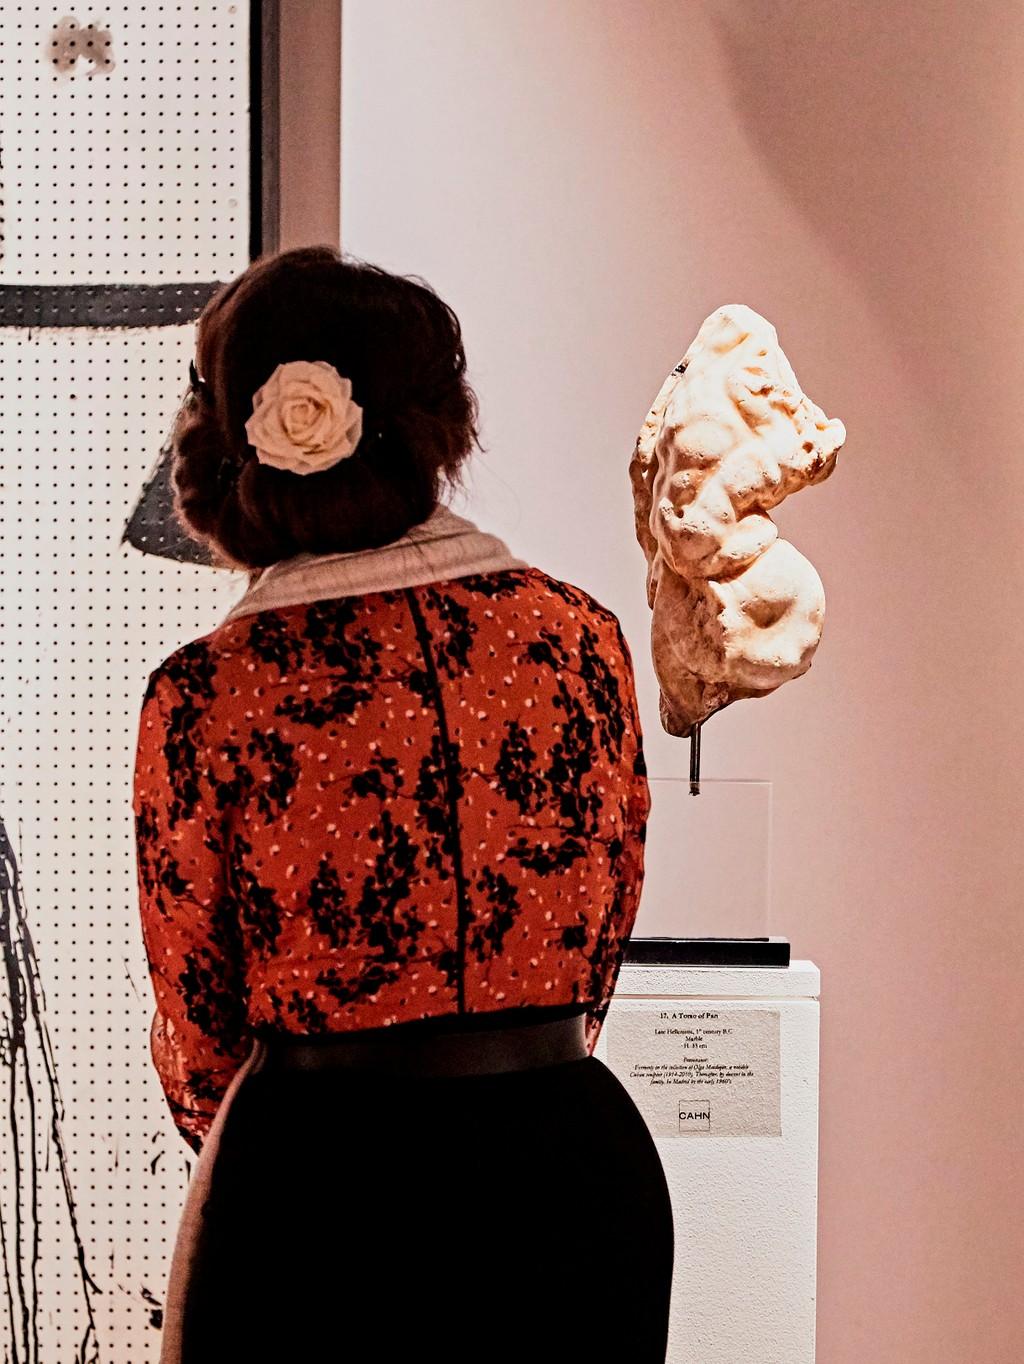 women in art fairs